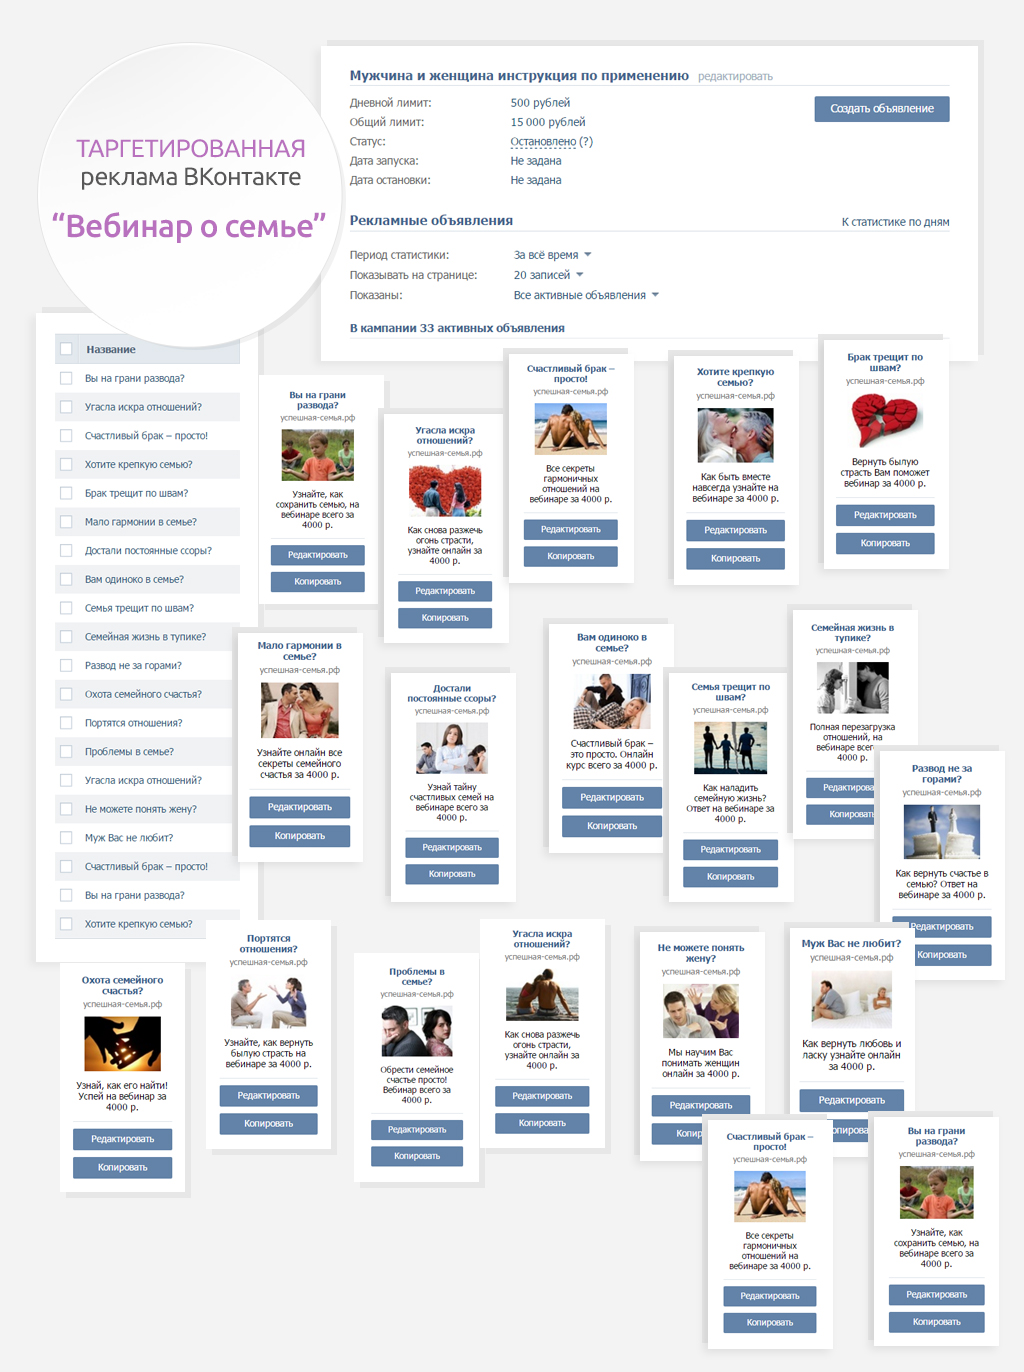 Таргетированная реклама в ВКонтакте Вебинар о семье